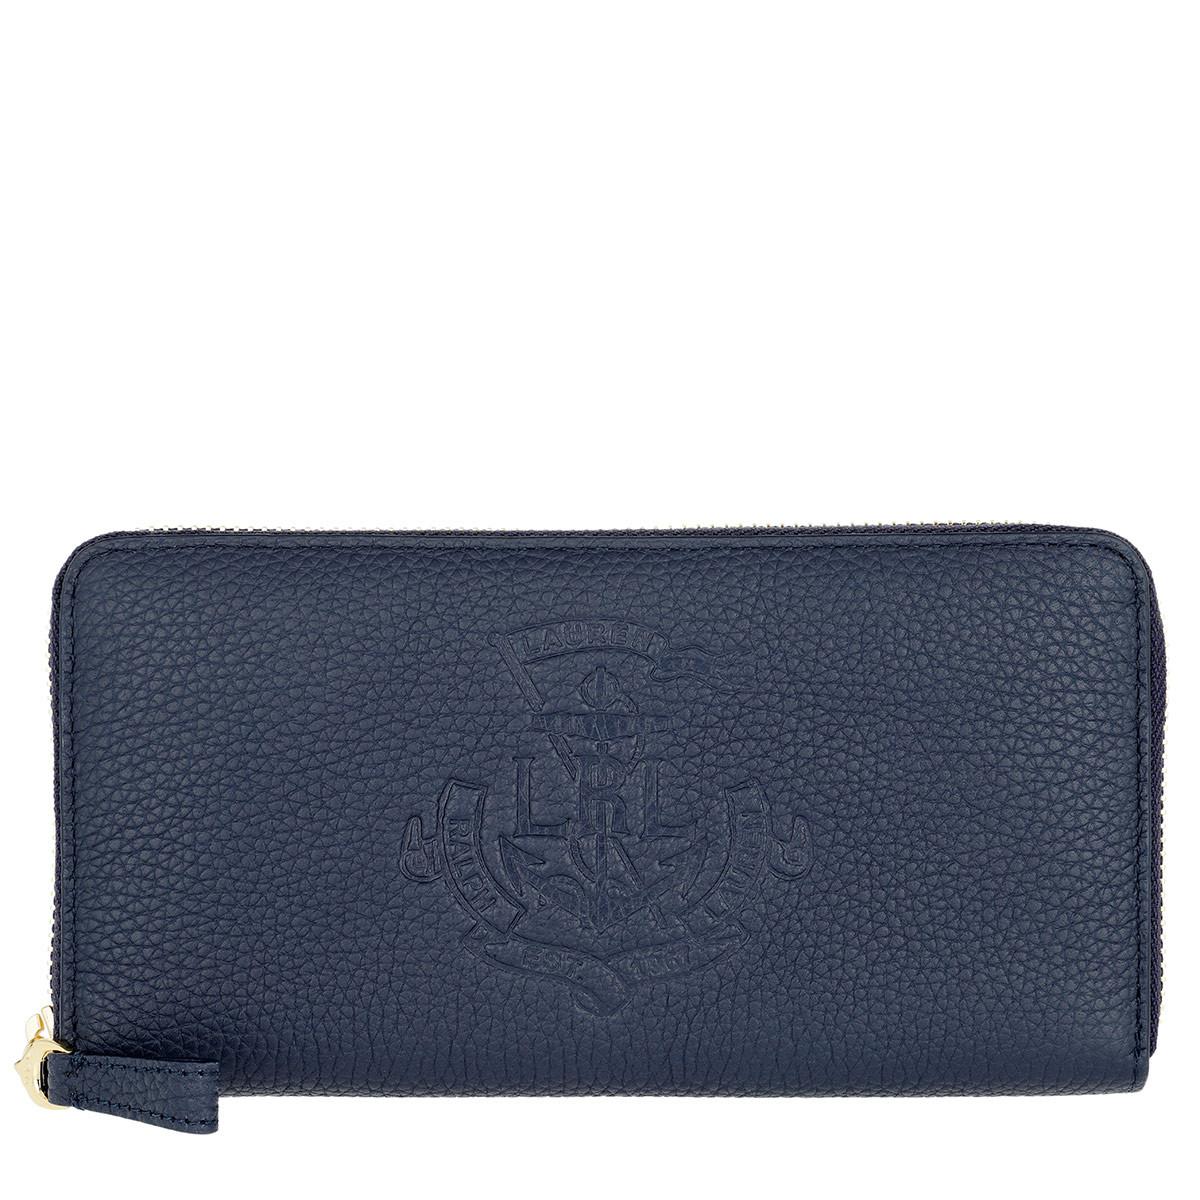 Lauren Ralph Lauren Portemonnaie - Huntley Zip Wallet Medium Navy - in blau - für Damen